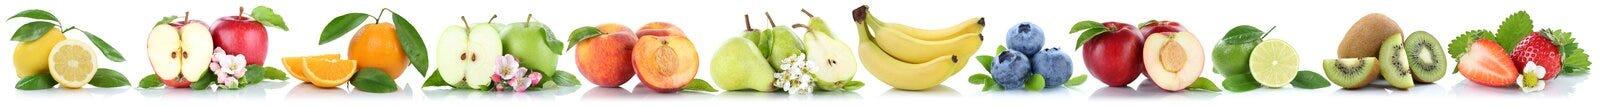 Apfel-Orangenbananen des Apfels trägt die orange Früchte in Folge, die an lokalisiert werden Stockfotos